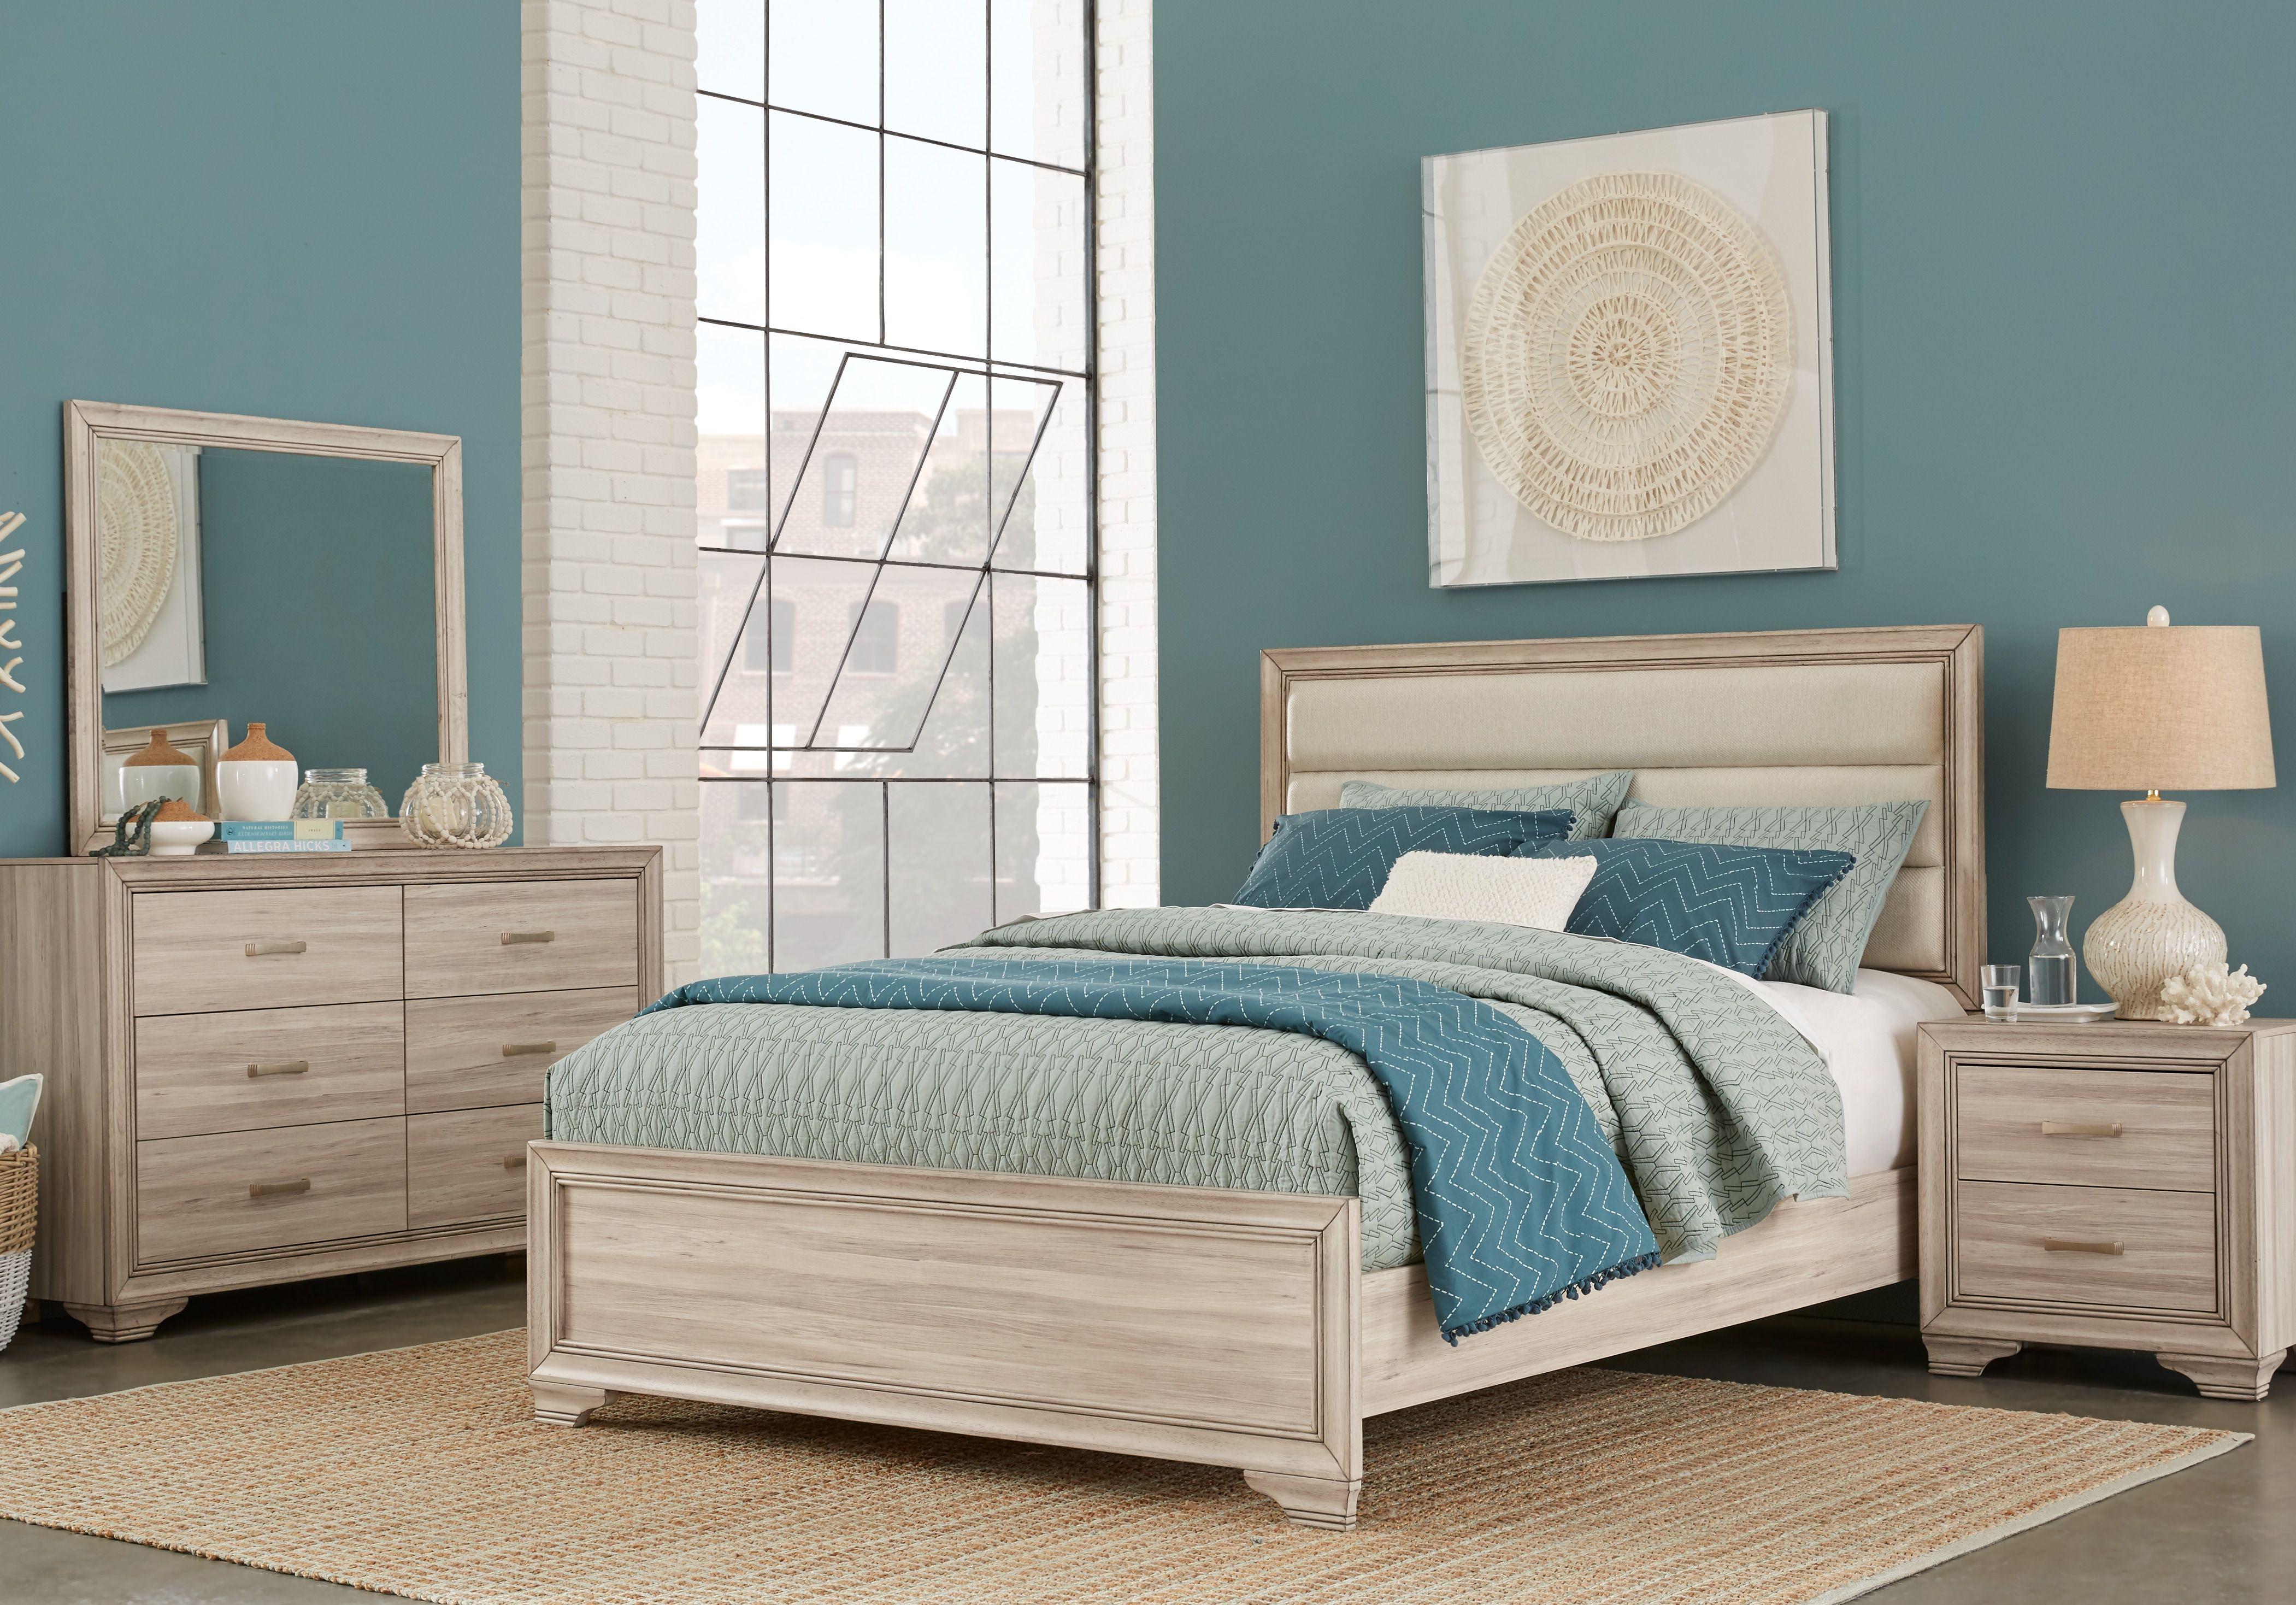 Marlow Natural 5 Pc Queen Panel Bedroom in 2019   Housing ...